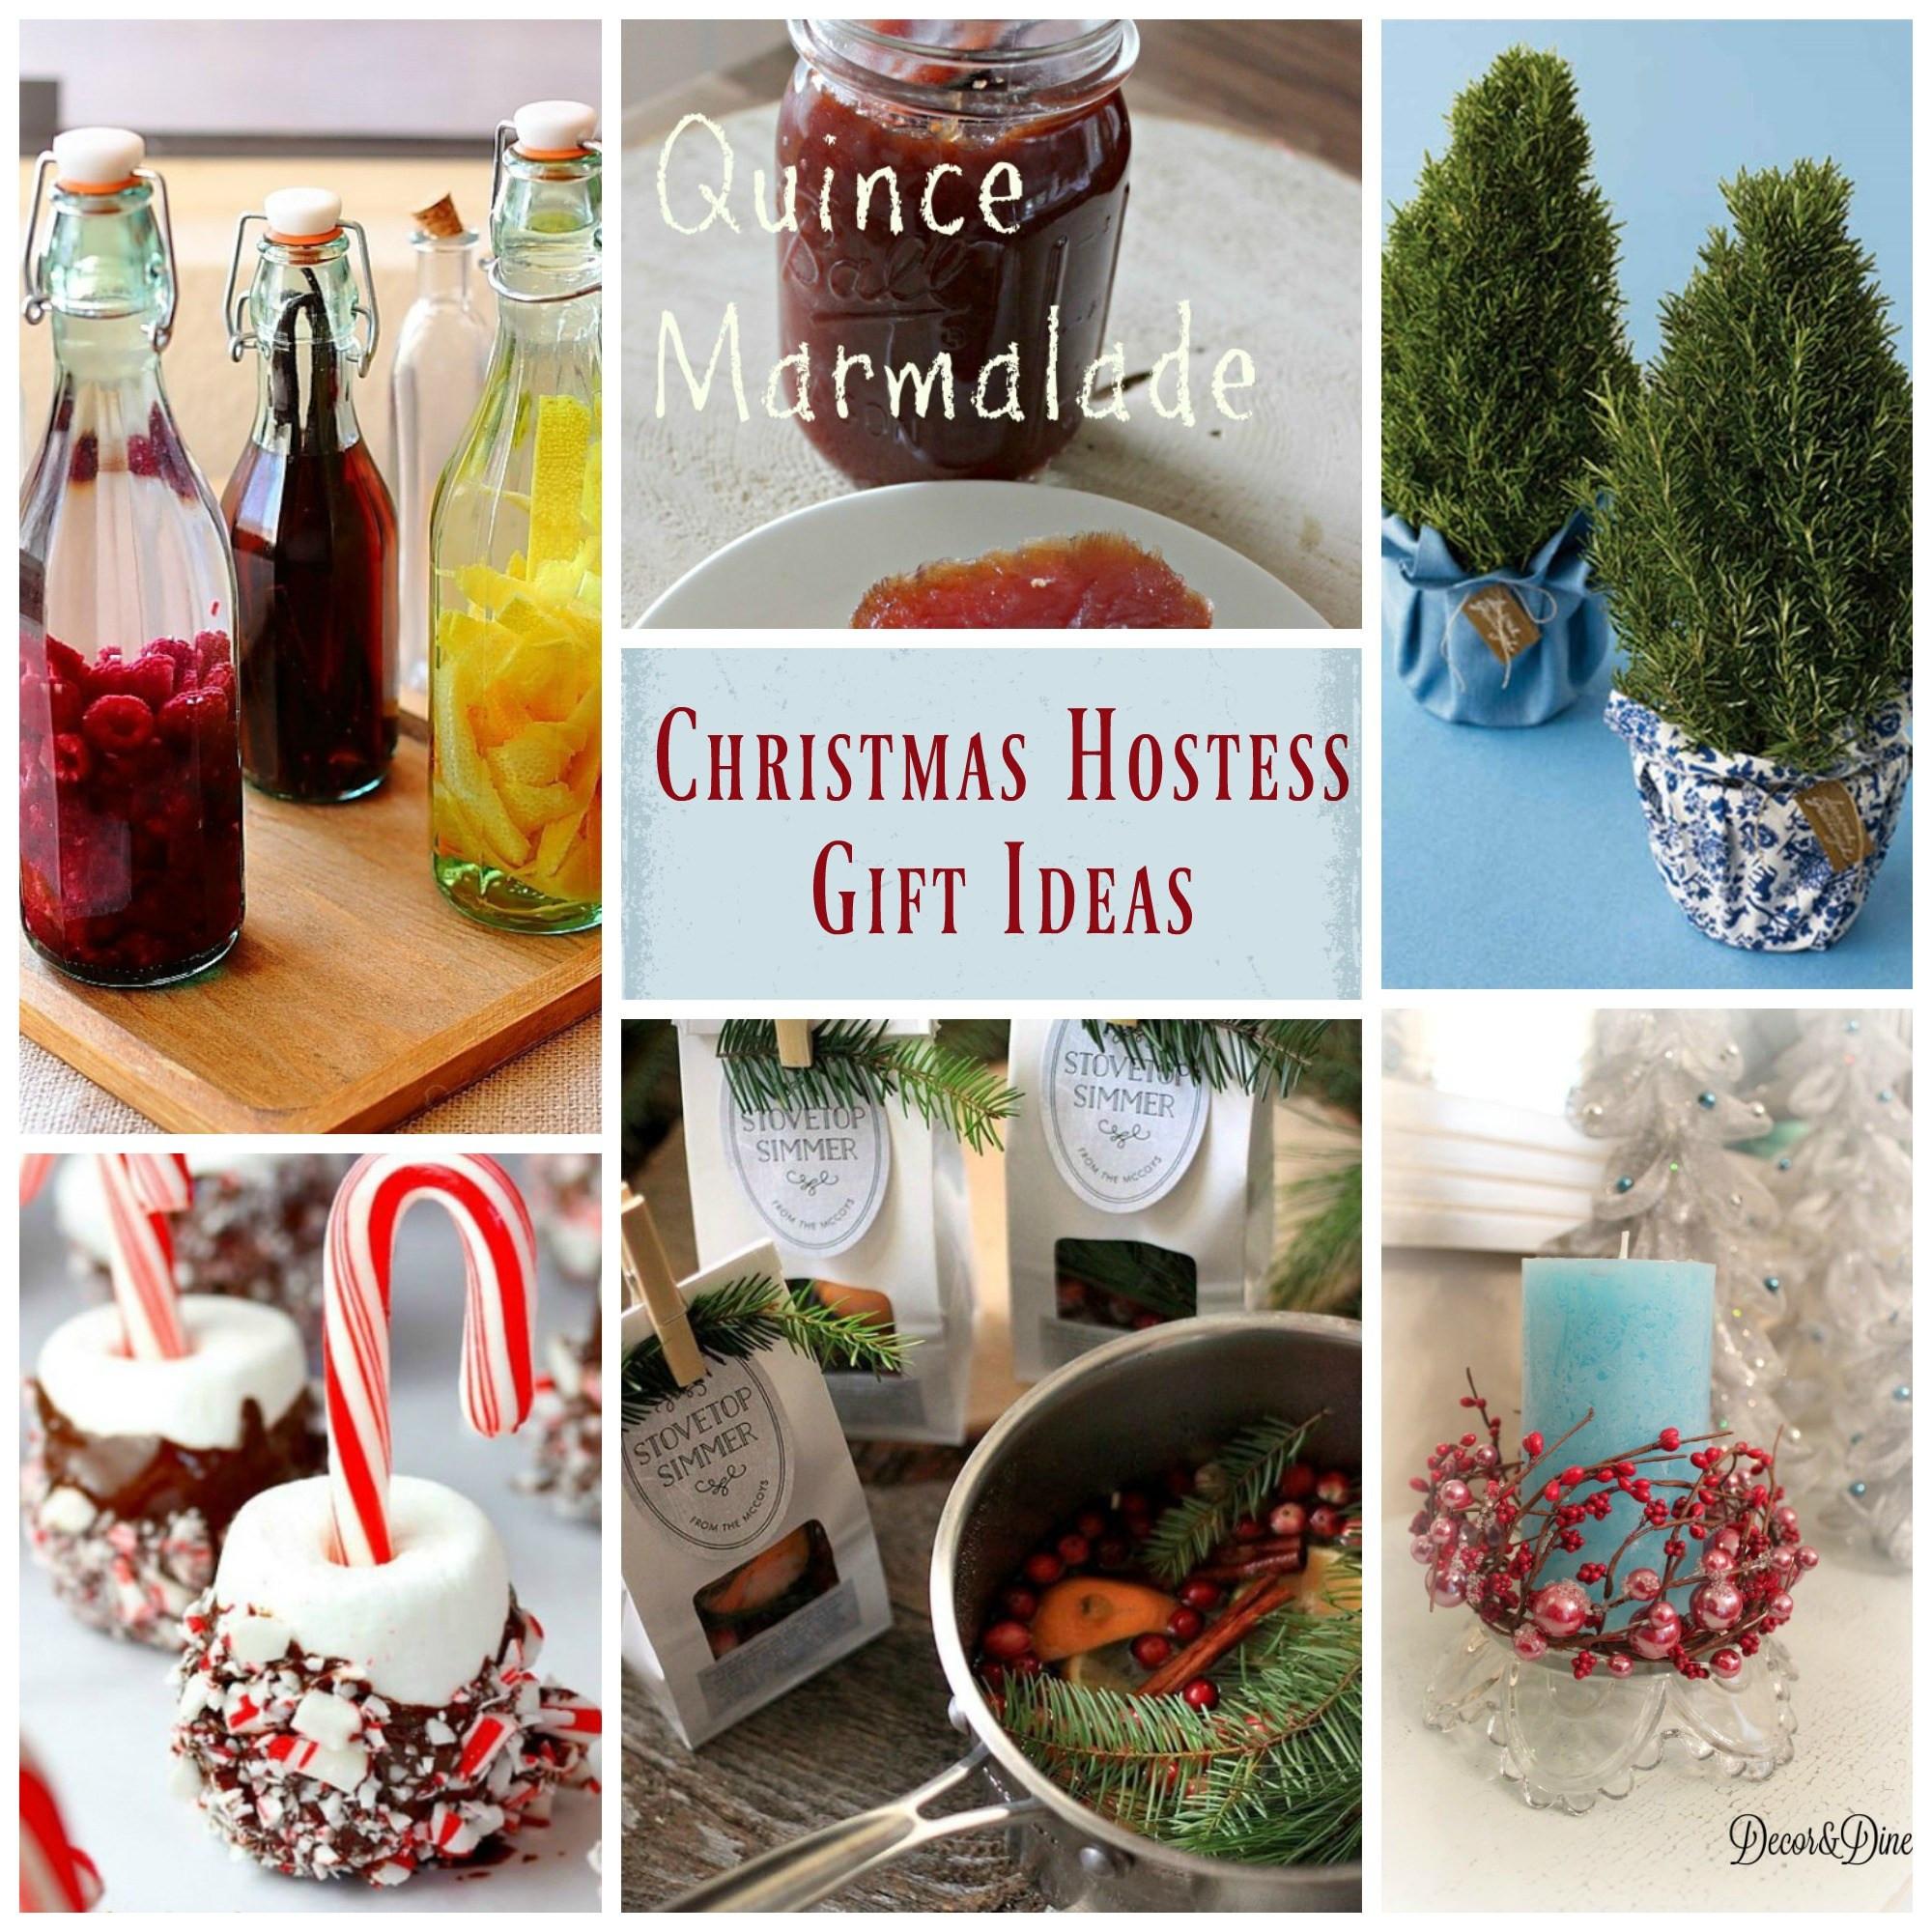 Holiday Party Hostess Gift Ideas  Christmas Hostess Gift Ideas